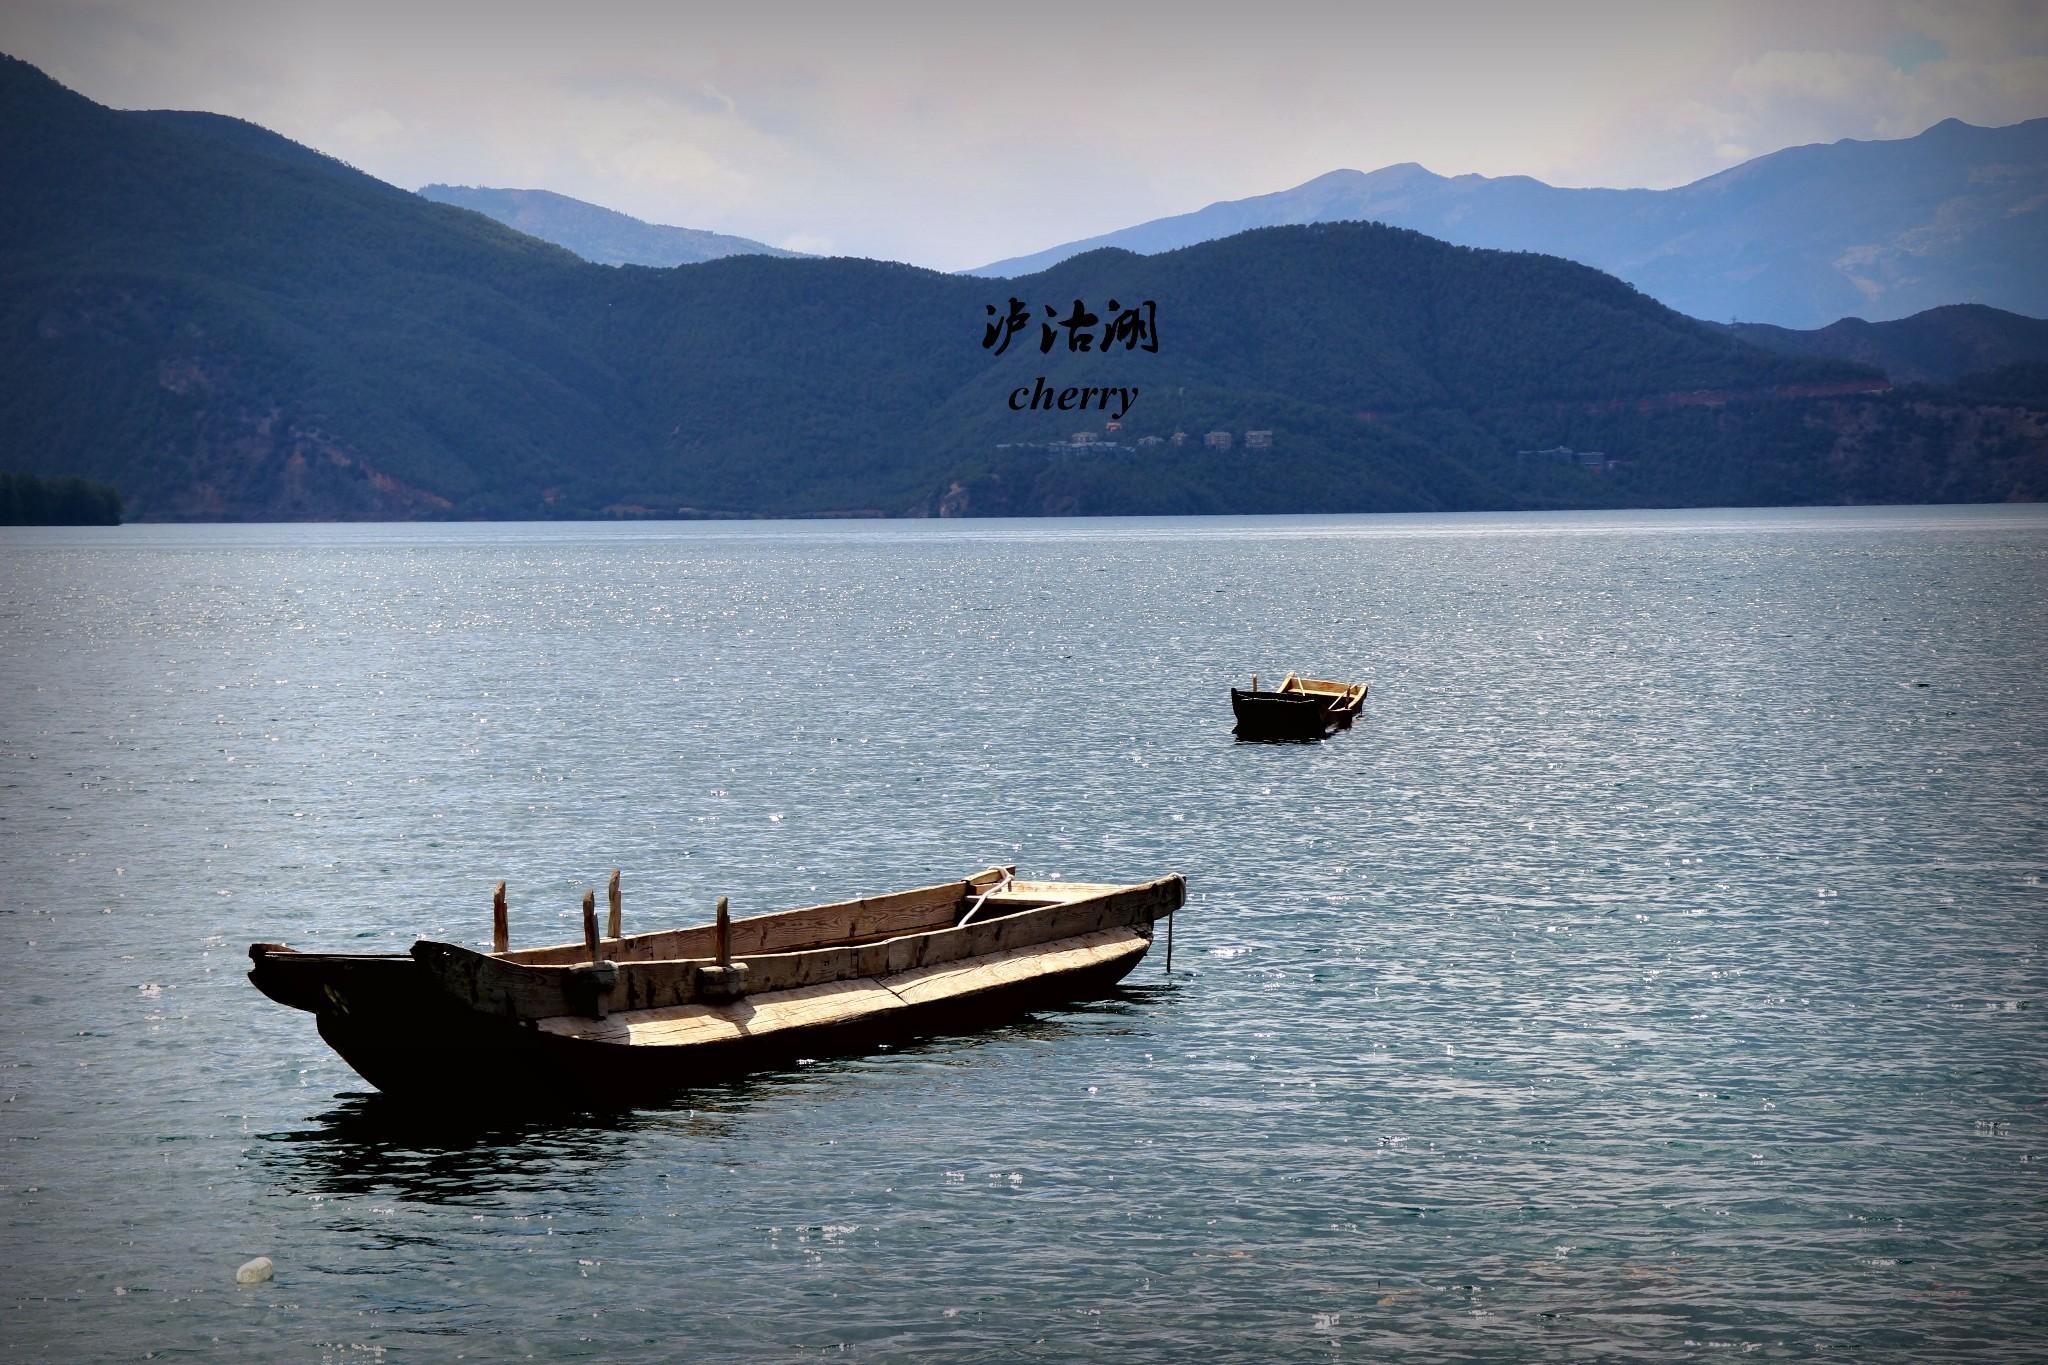 彩云之南—丽江,泸沽湖,大理 新鱼在路上:彩云之南+成都+陕西(海量美景,慢慢走,慢慢看,处处美景,尽收眼帘)